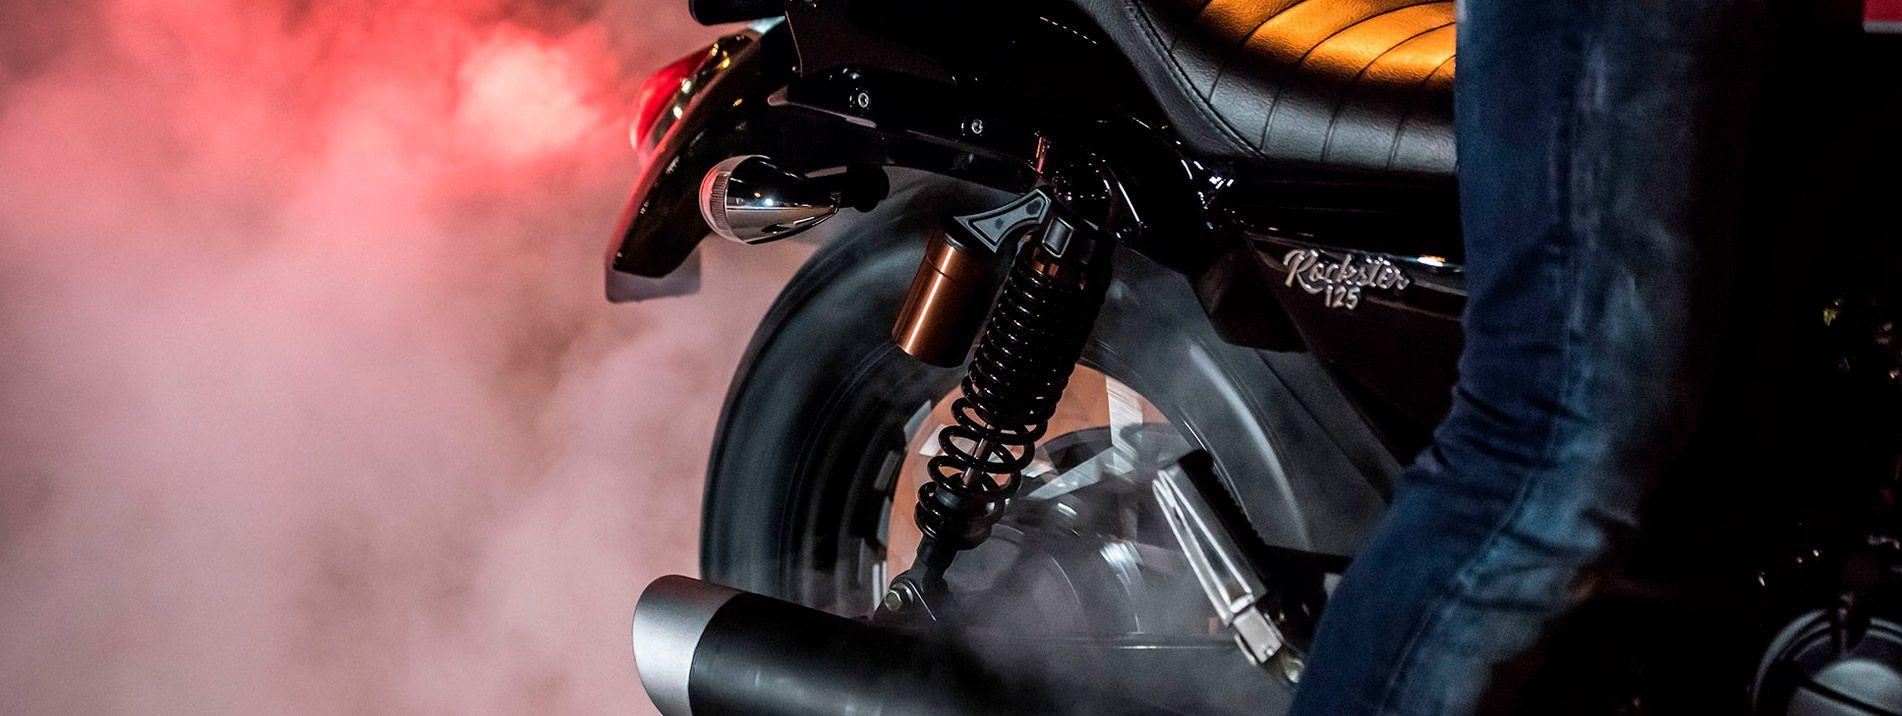 moto macbor granada